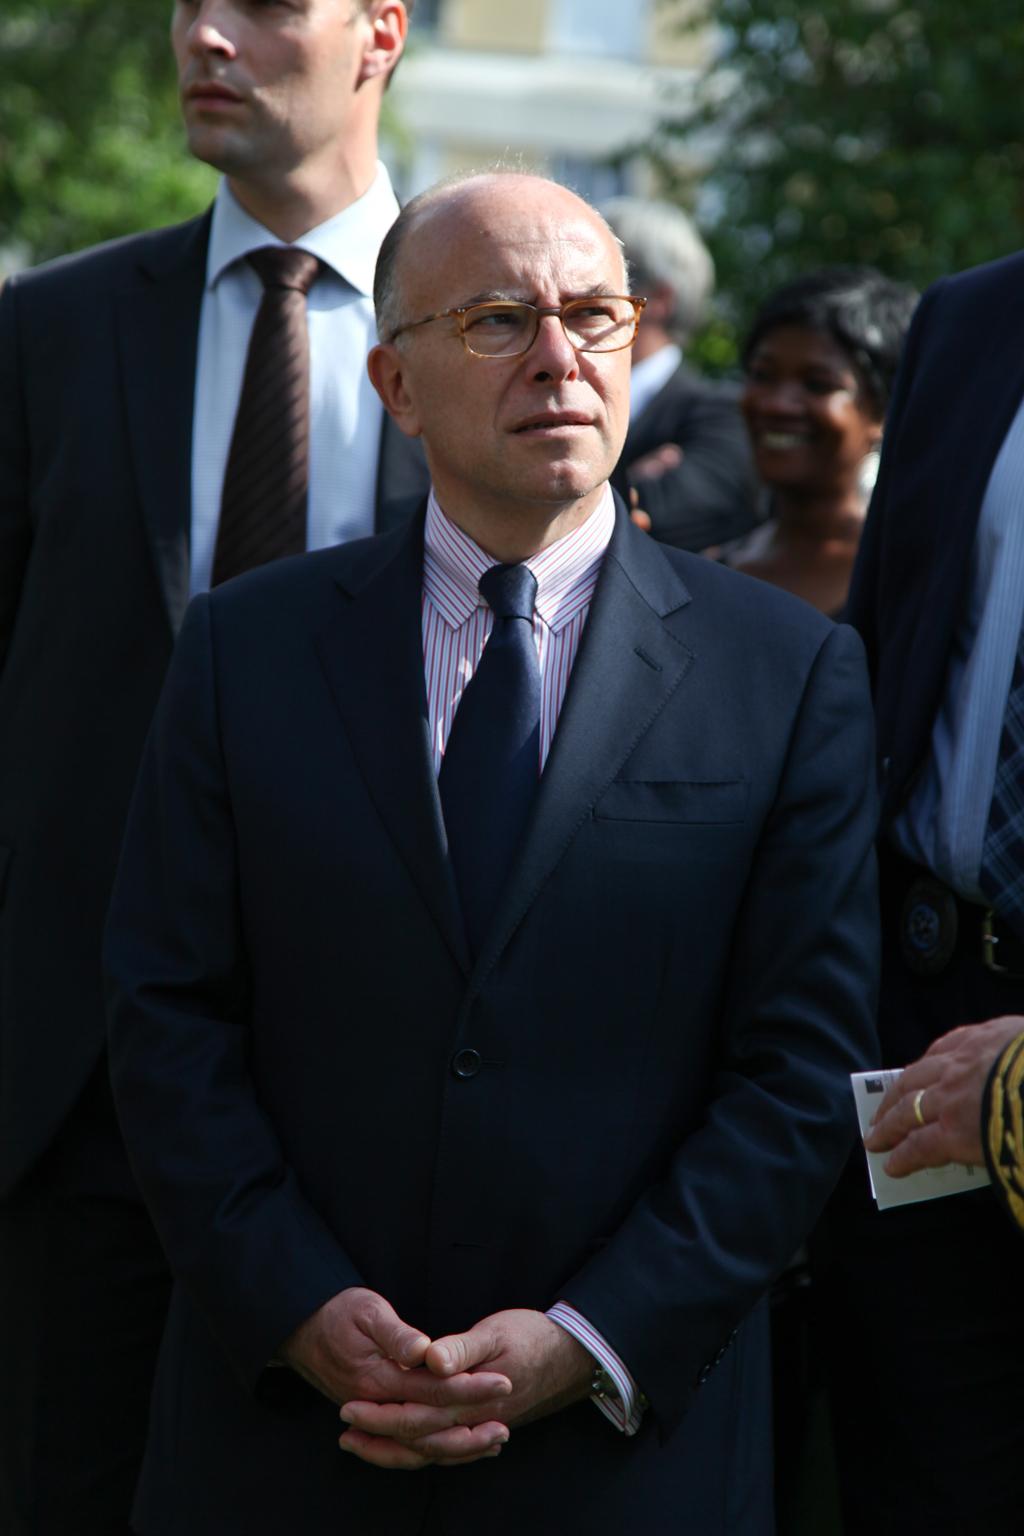 La visite du 1er Ministre à Val-de-Reuil le 4 mai, en détails